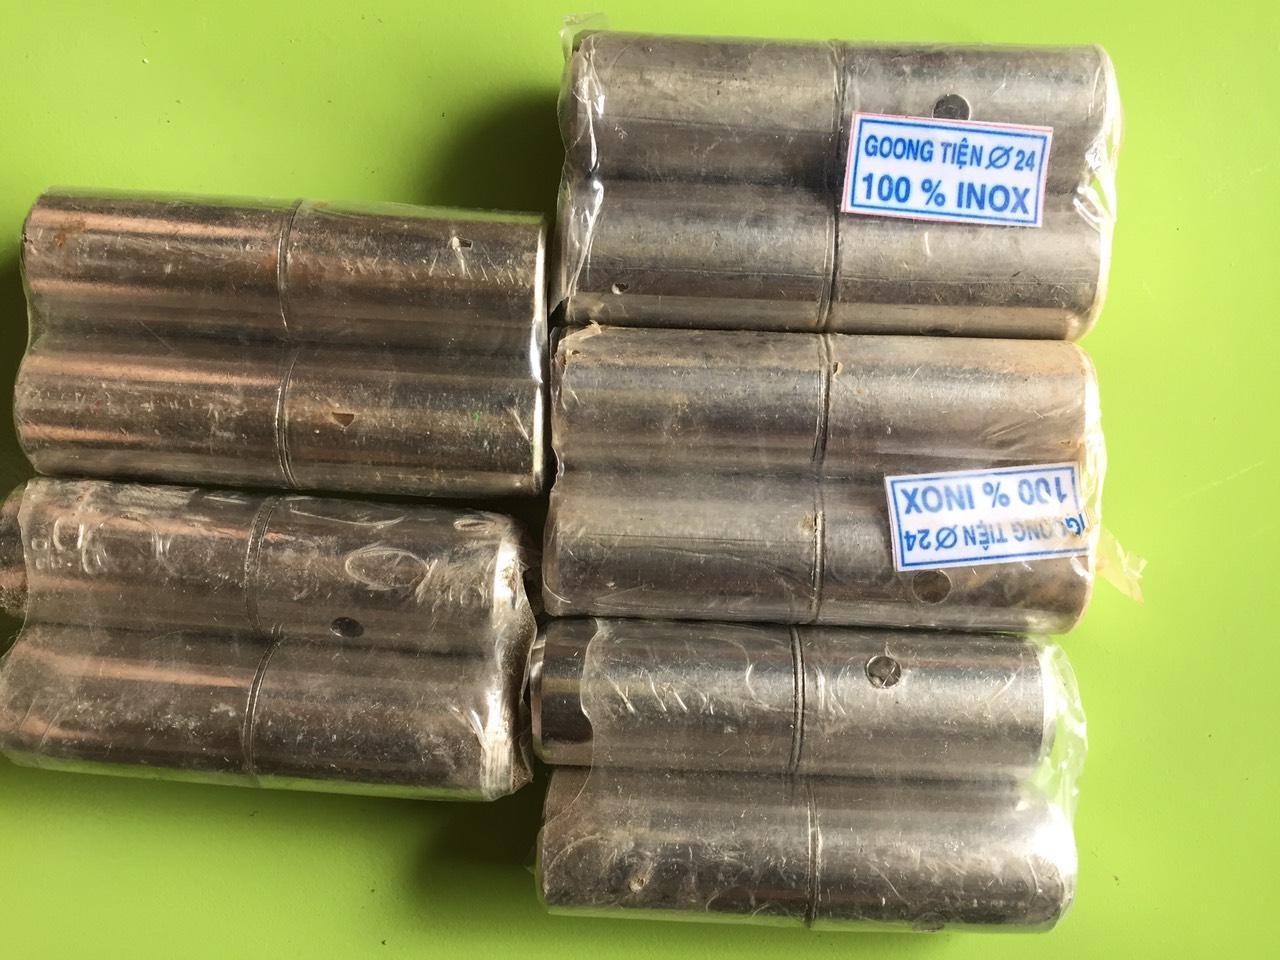 Bộ 10 bản lề cối tiện inox phi 24, bản lề cửa inox chịu lực. bộ 10 bản lề cối tiện chịu lực inox